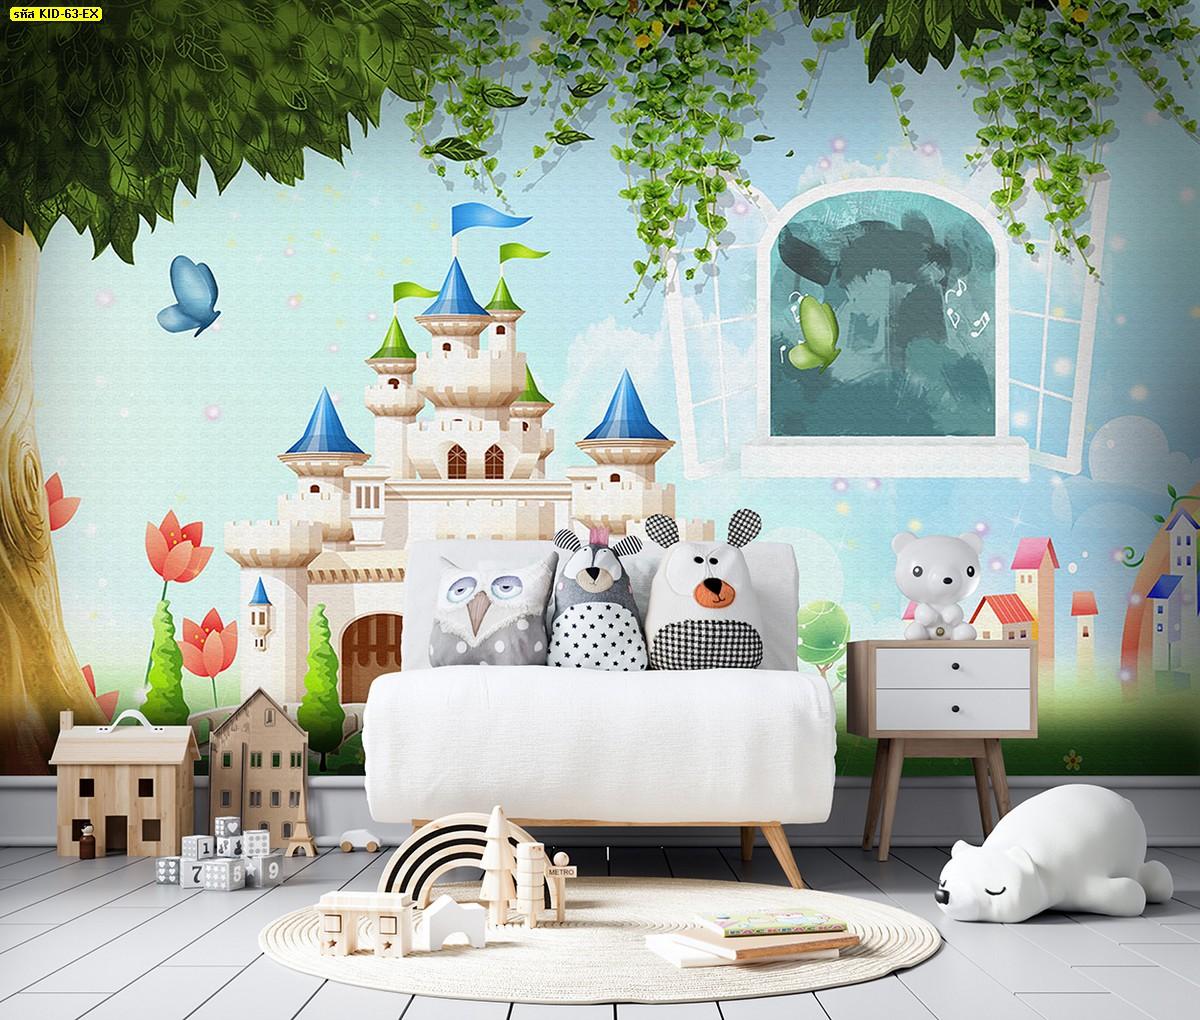 วอลเปเปอร์ลายปราสาทและก้อนเมฆสีฟ้า ตกแต่งห้องเล่นเด็ก ห้องเด็กเล่น จัดมุมของเล่นให้ลูก